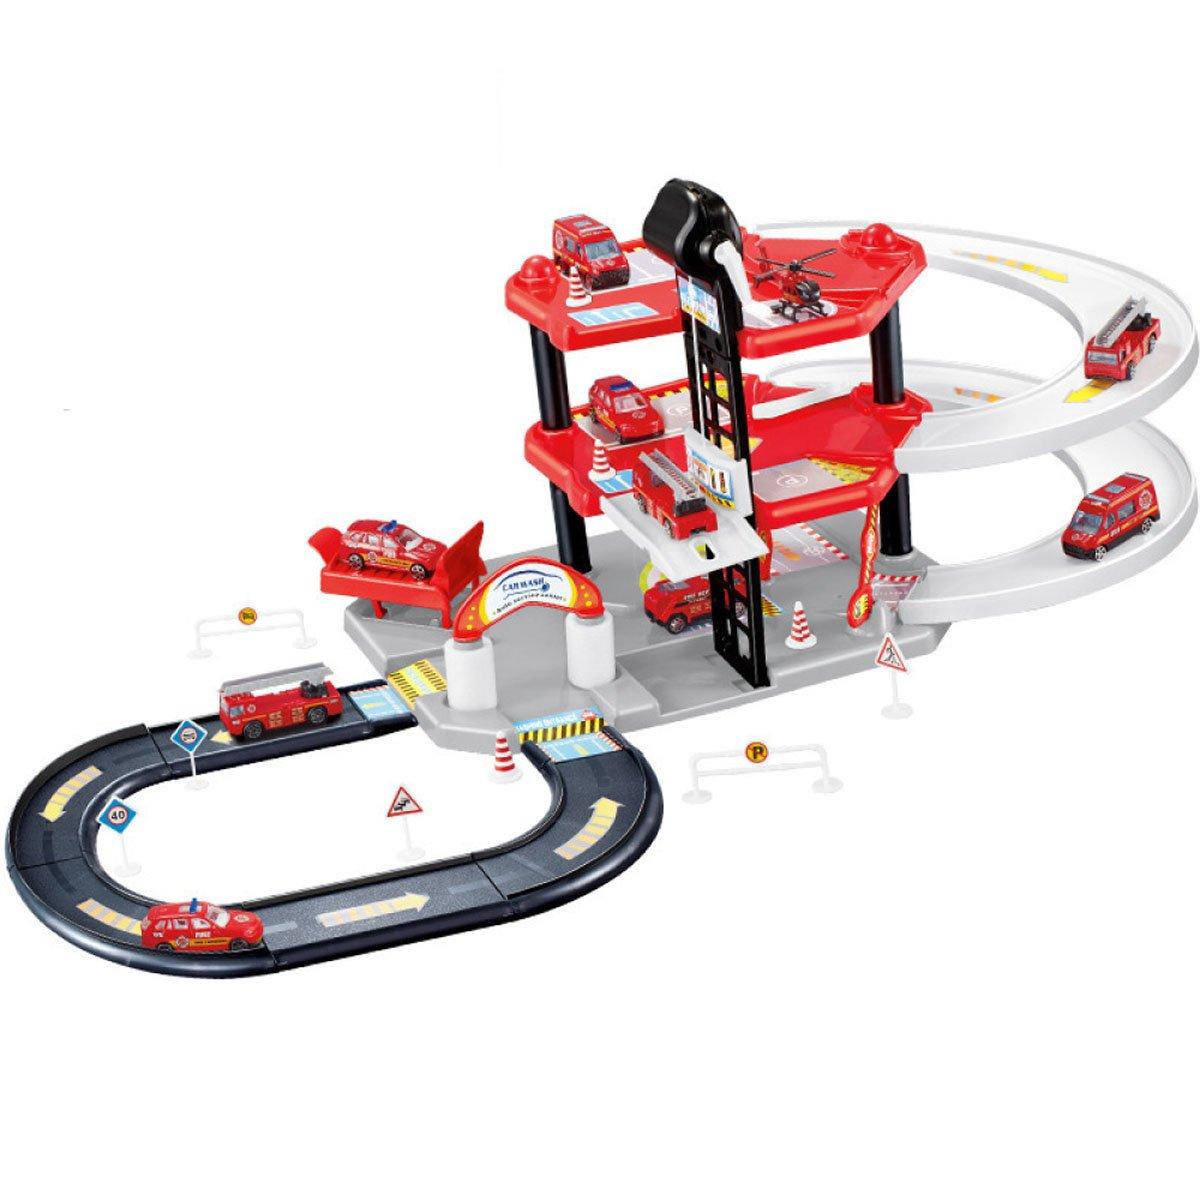 Promoción por tiempo limitado WERTY Mei Juguetes para Niños Juguetes de Playa Tres vagones montados en rieles Juguetes educativos Juguetes simulados de estacionamiento Modelo Coche Niños Regalos